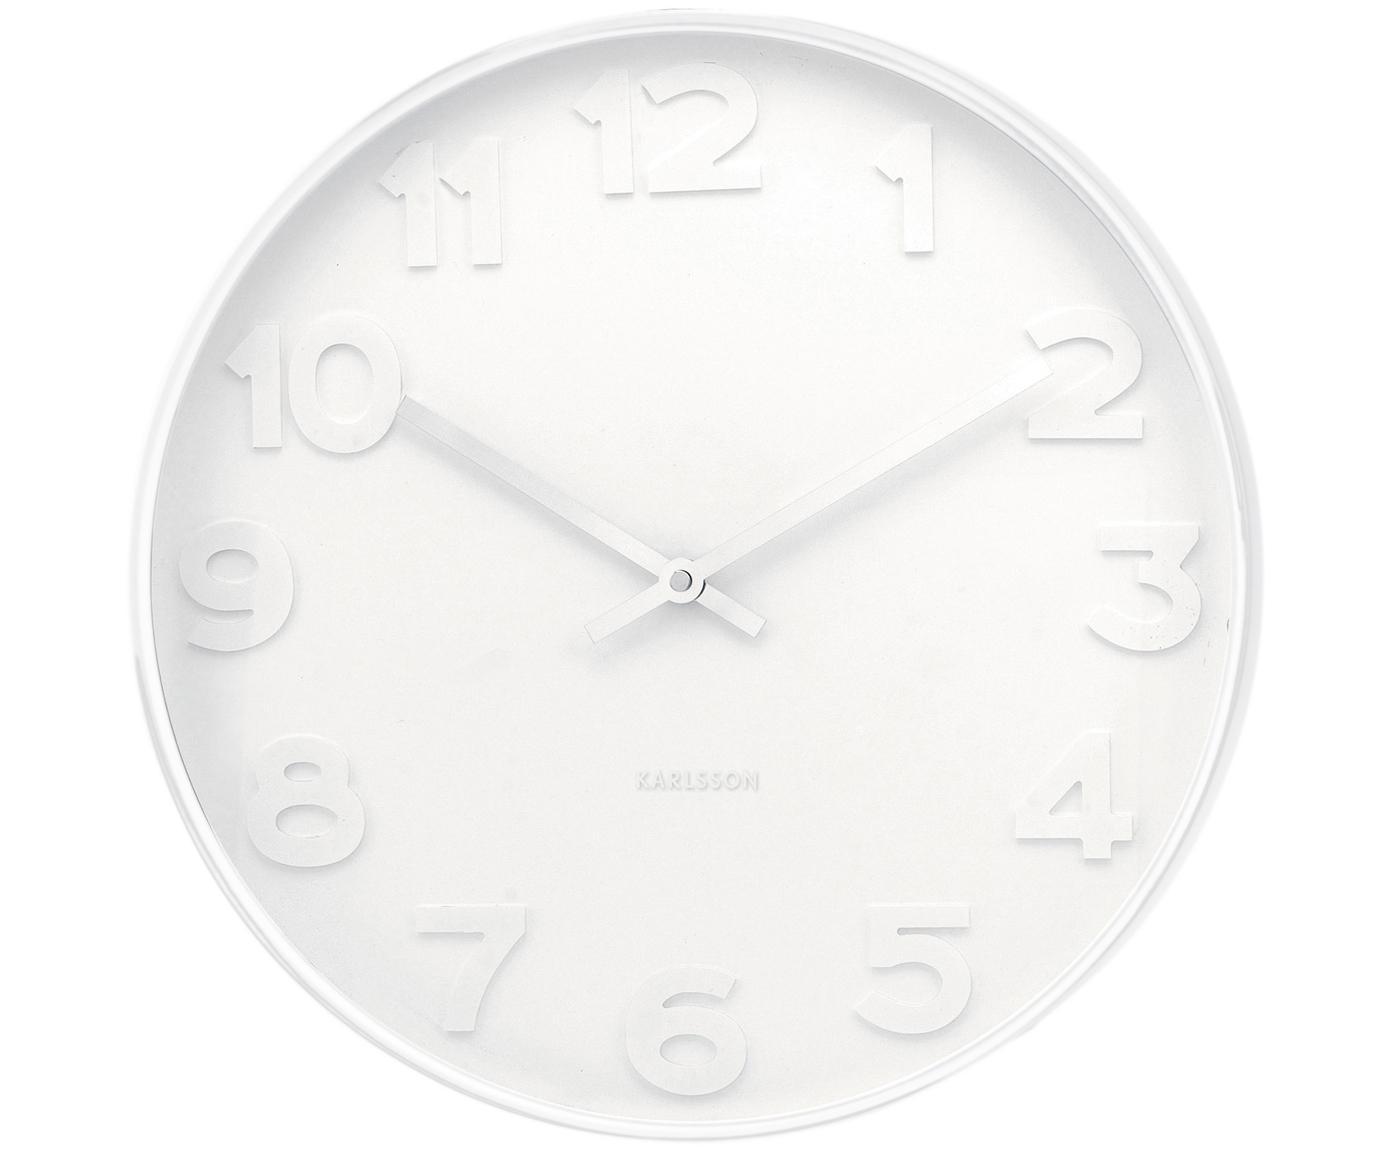 Wanduhr Mr. White, Ziffernblatt, Rahmen: Weiss<br>Zeiger: Silberfarben, Ø 38 cm